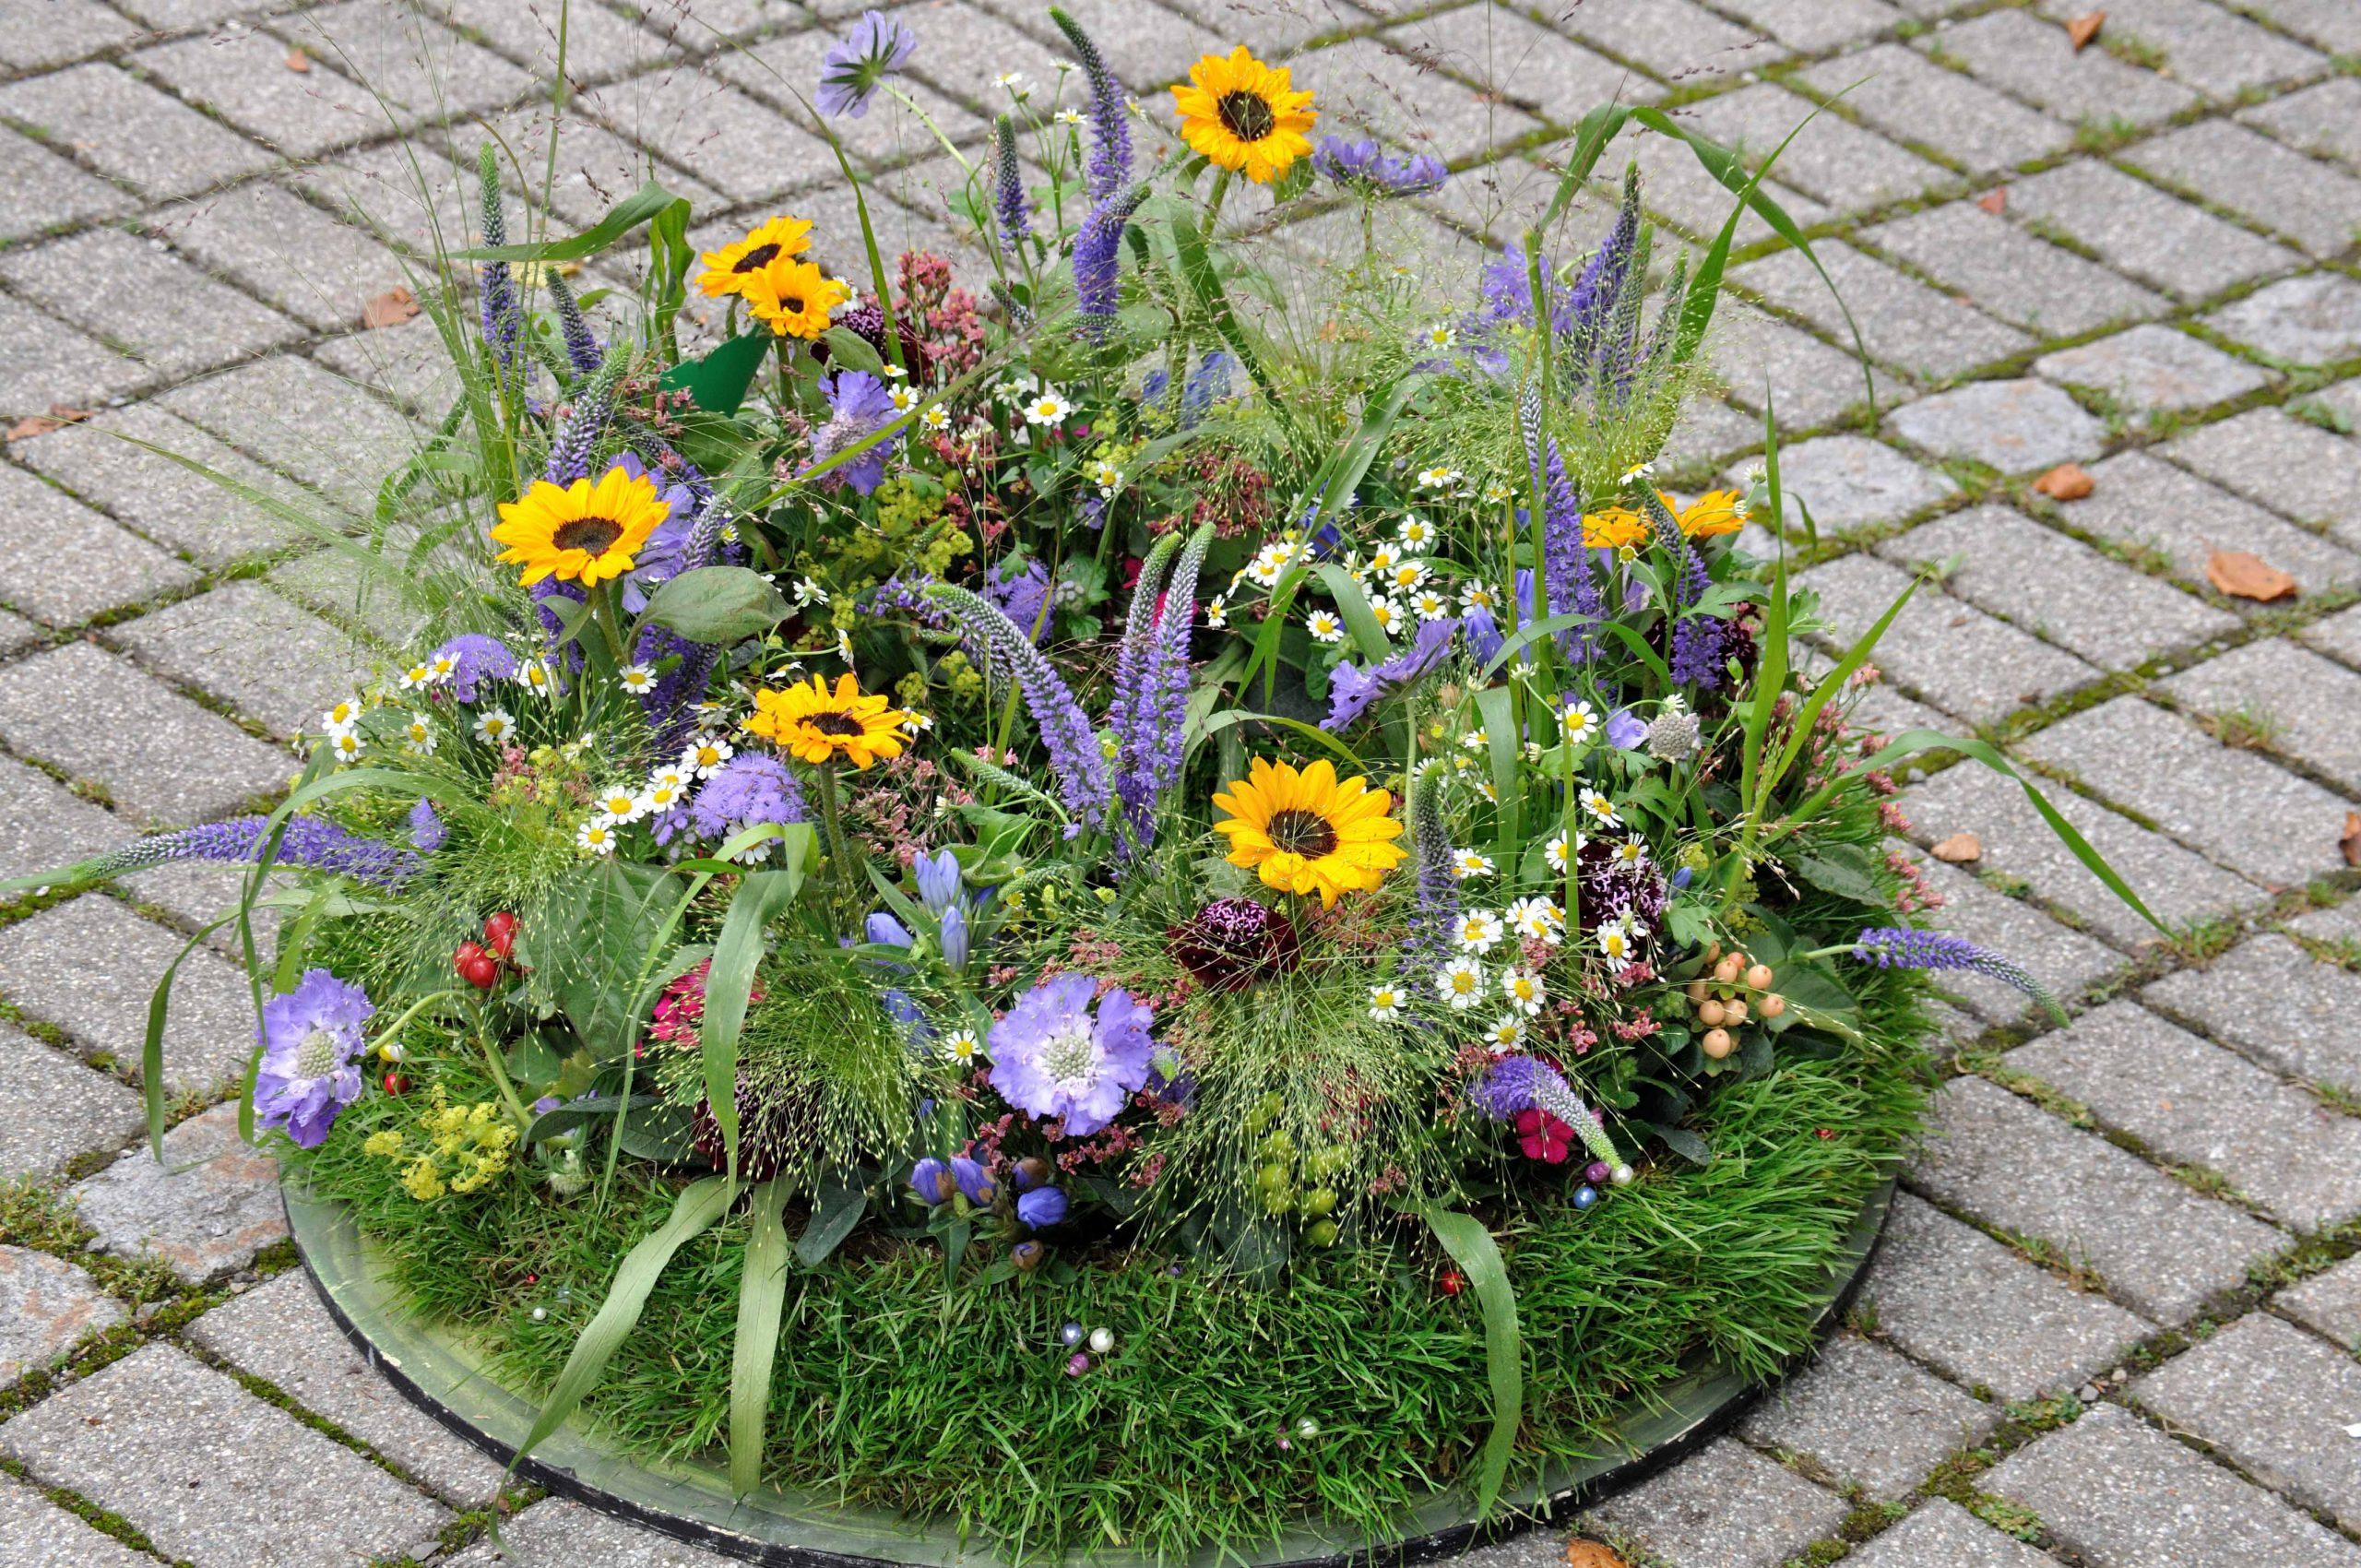 03 Sommerlicher rundgesteckter Trauerkranz mit Wiesenblumen